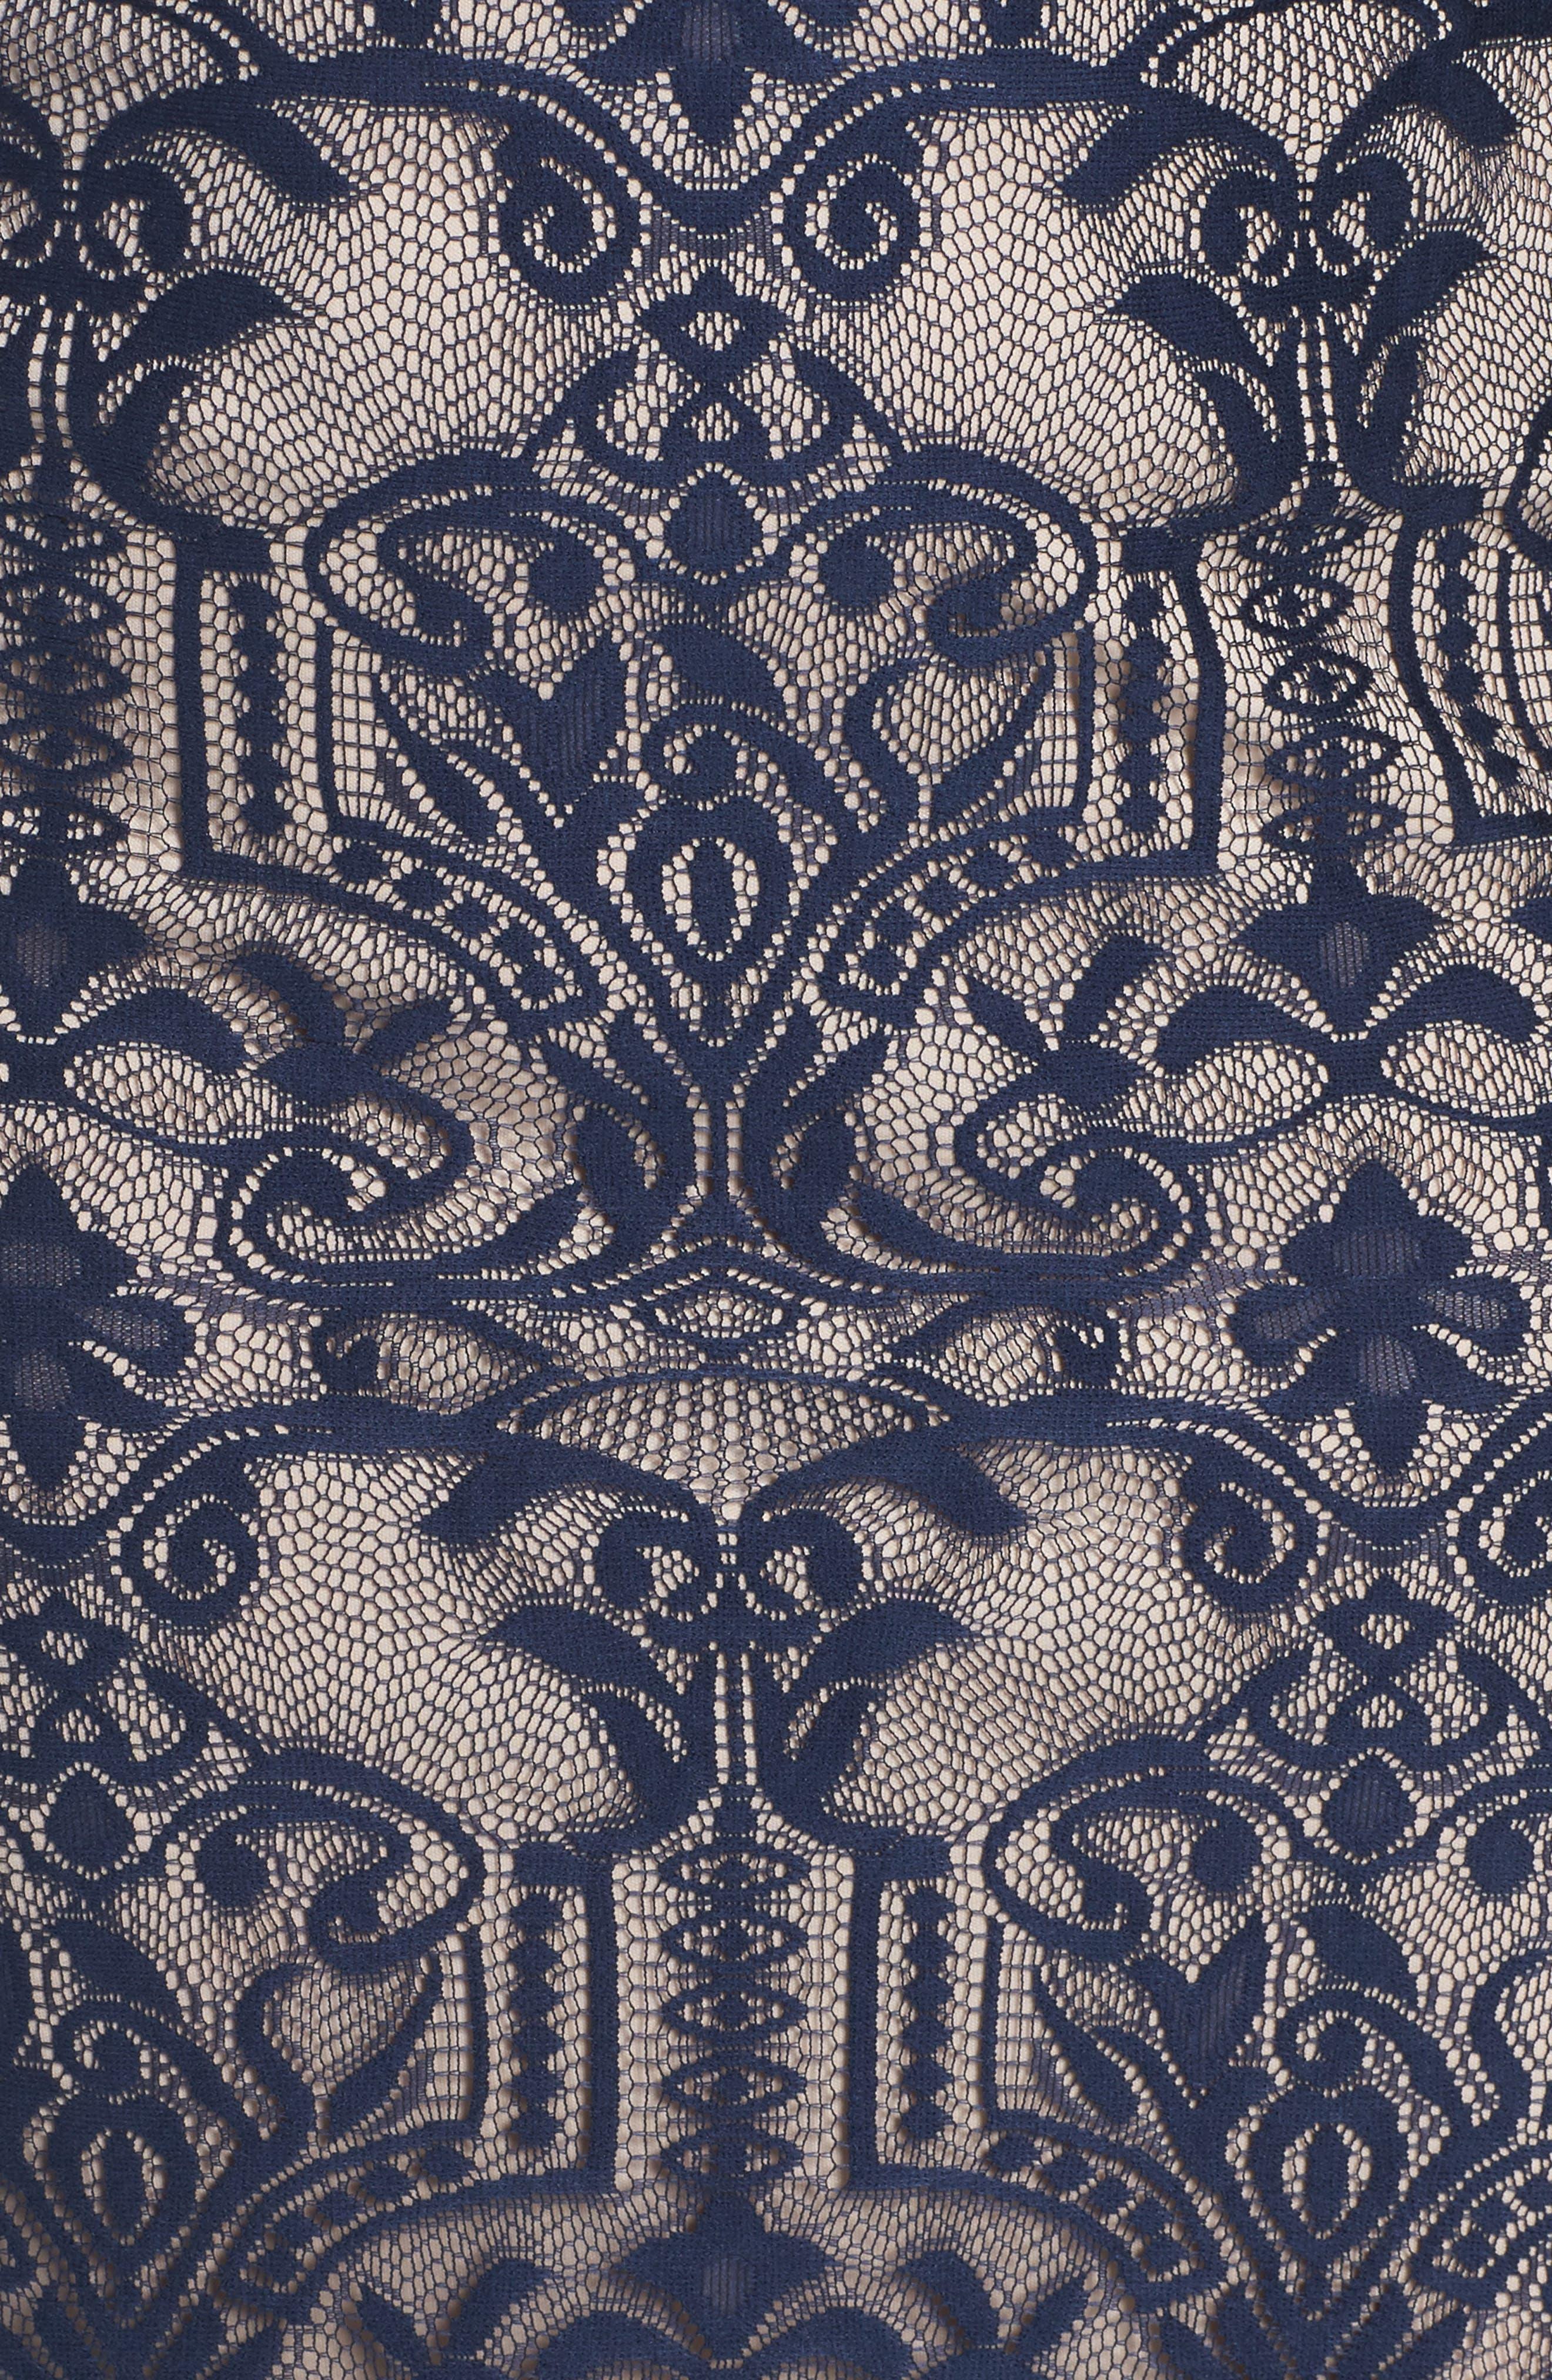 A-Line Lace Gown,                             Alternate thumbnail 5, color,                             411